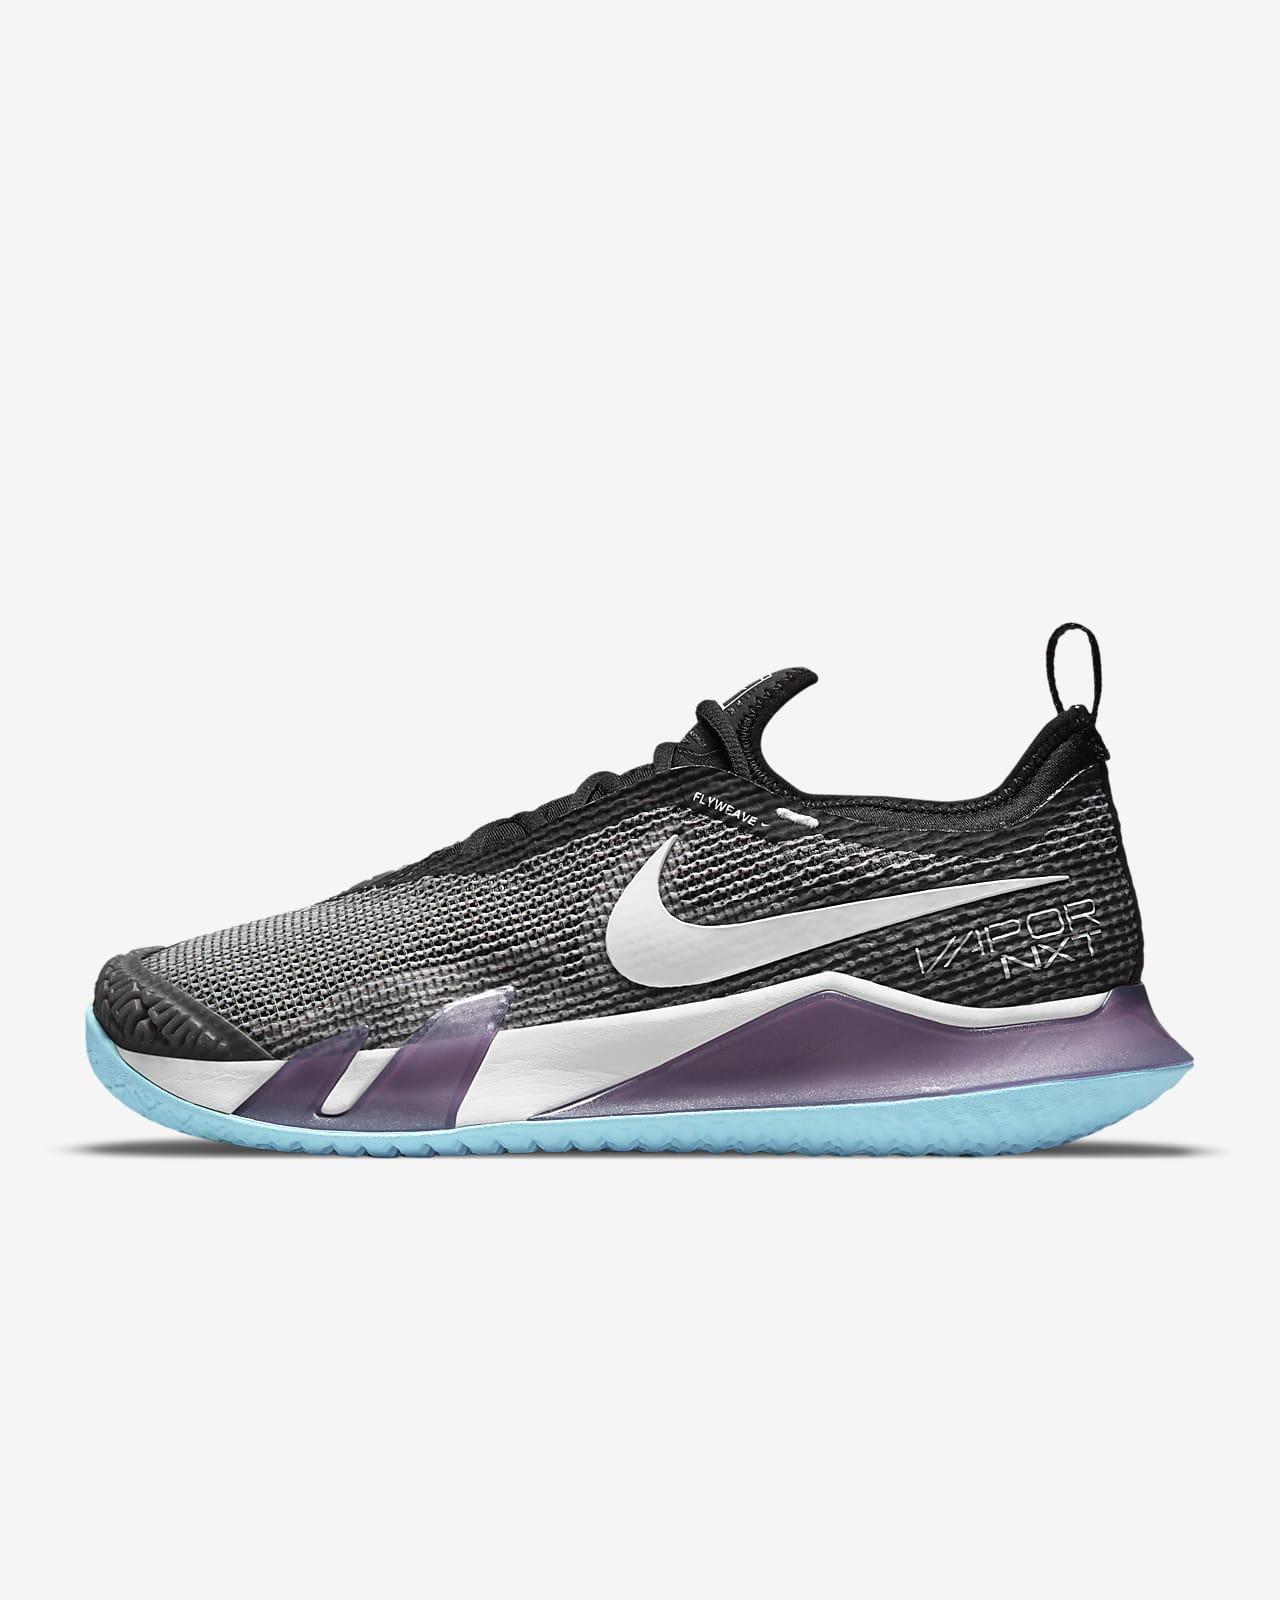 Chaussure de tennis pour surface dure NikeCourt React Vapor NXT pour Femme